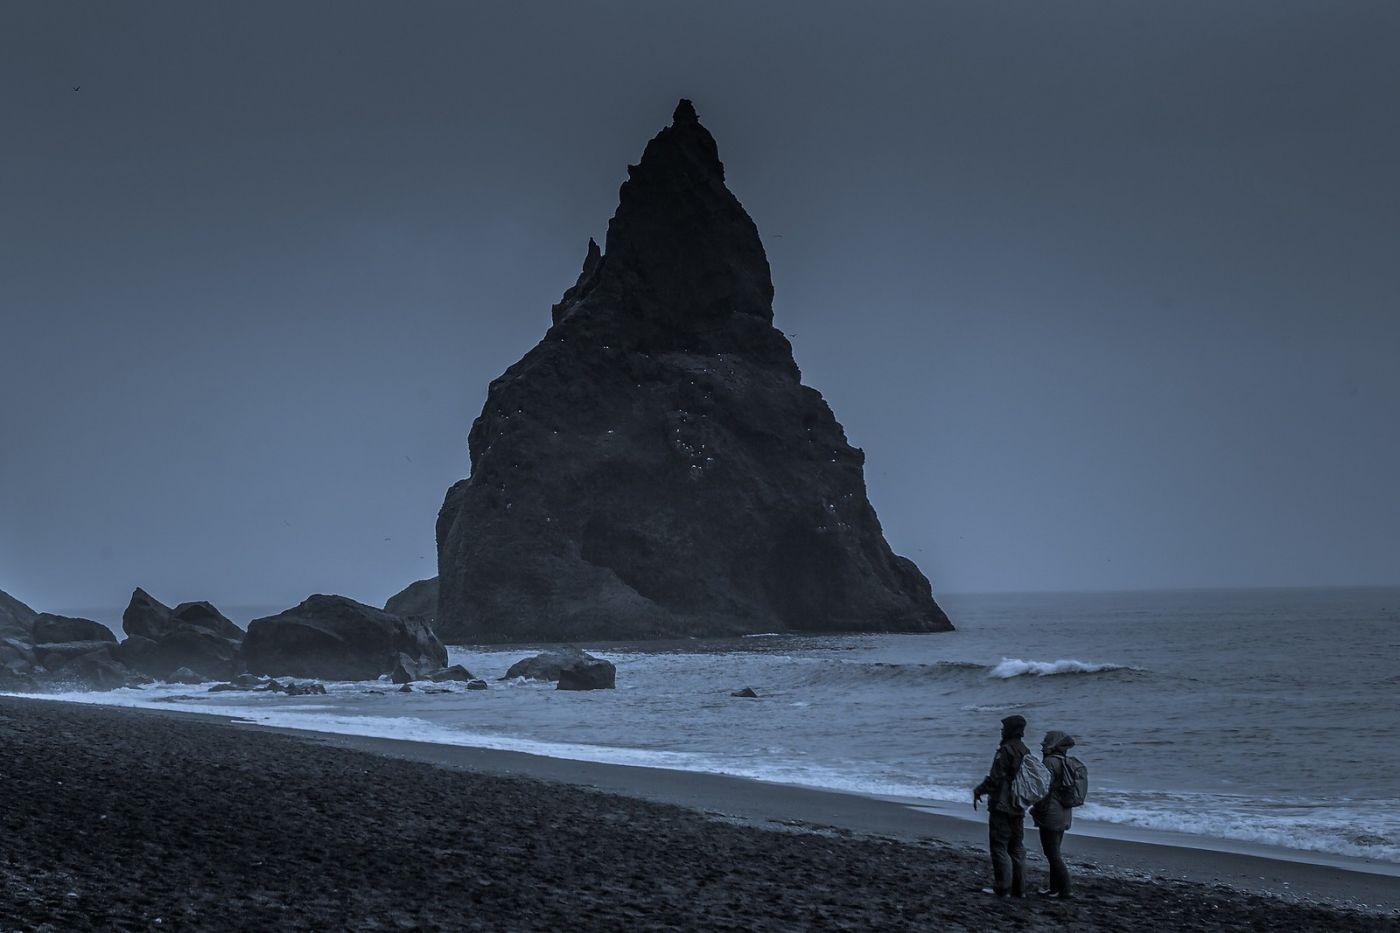 冰岛雷尼斯法加拉黑沙滩(Reynisfjara Black Sand Beach)_图1-17